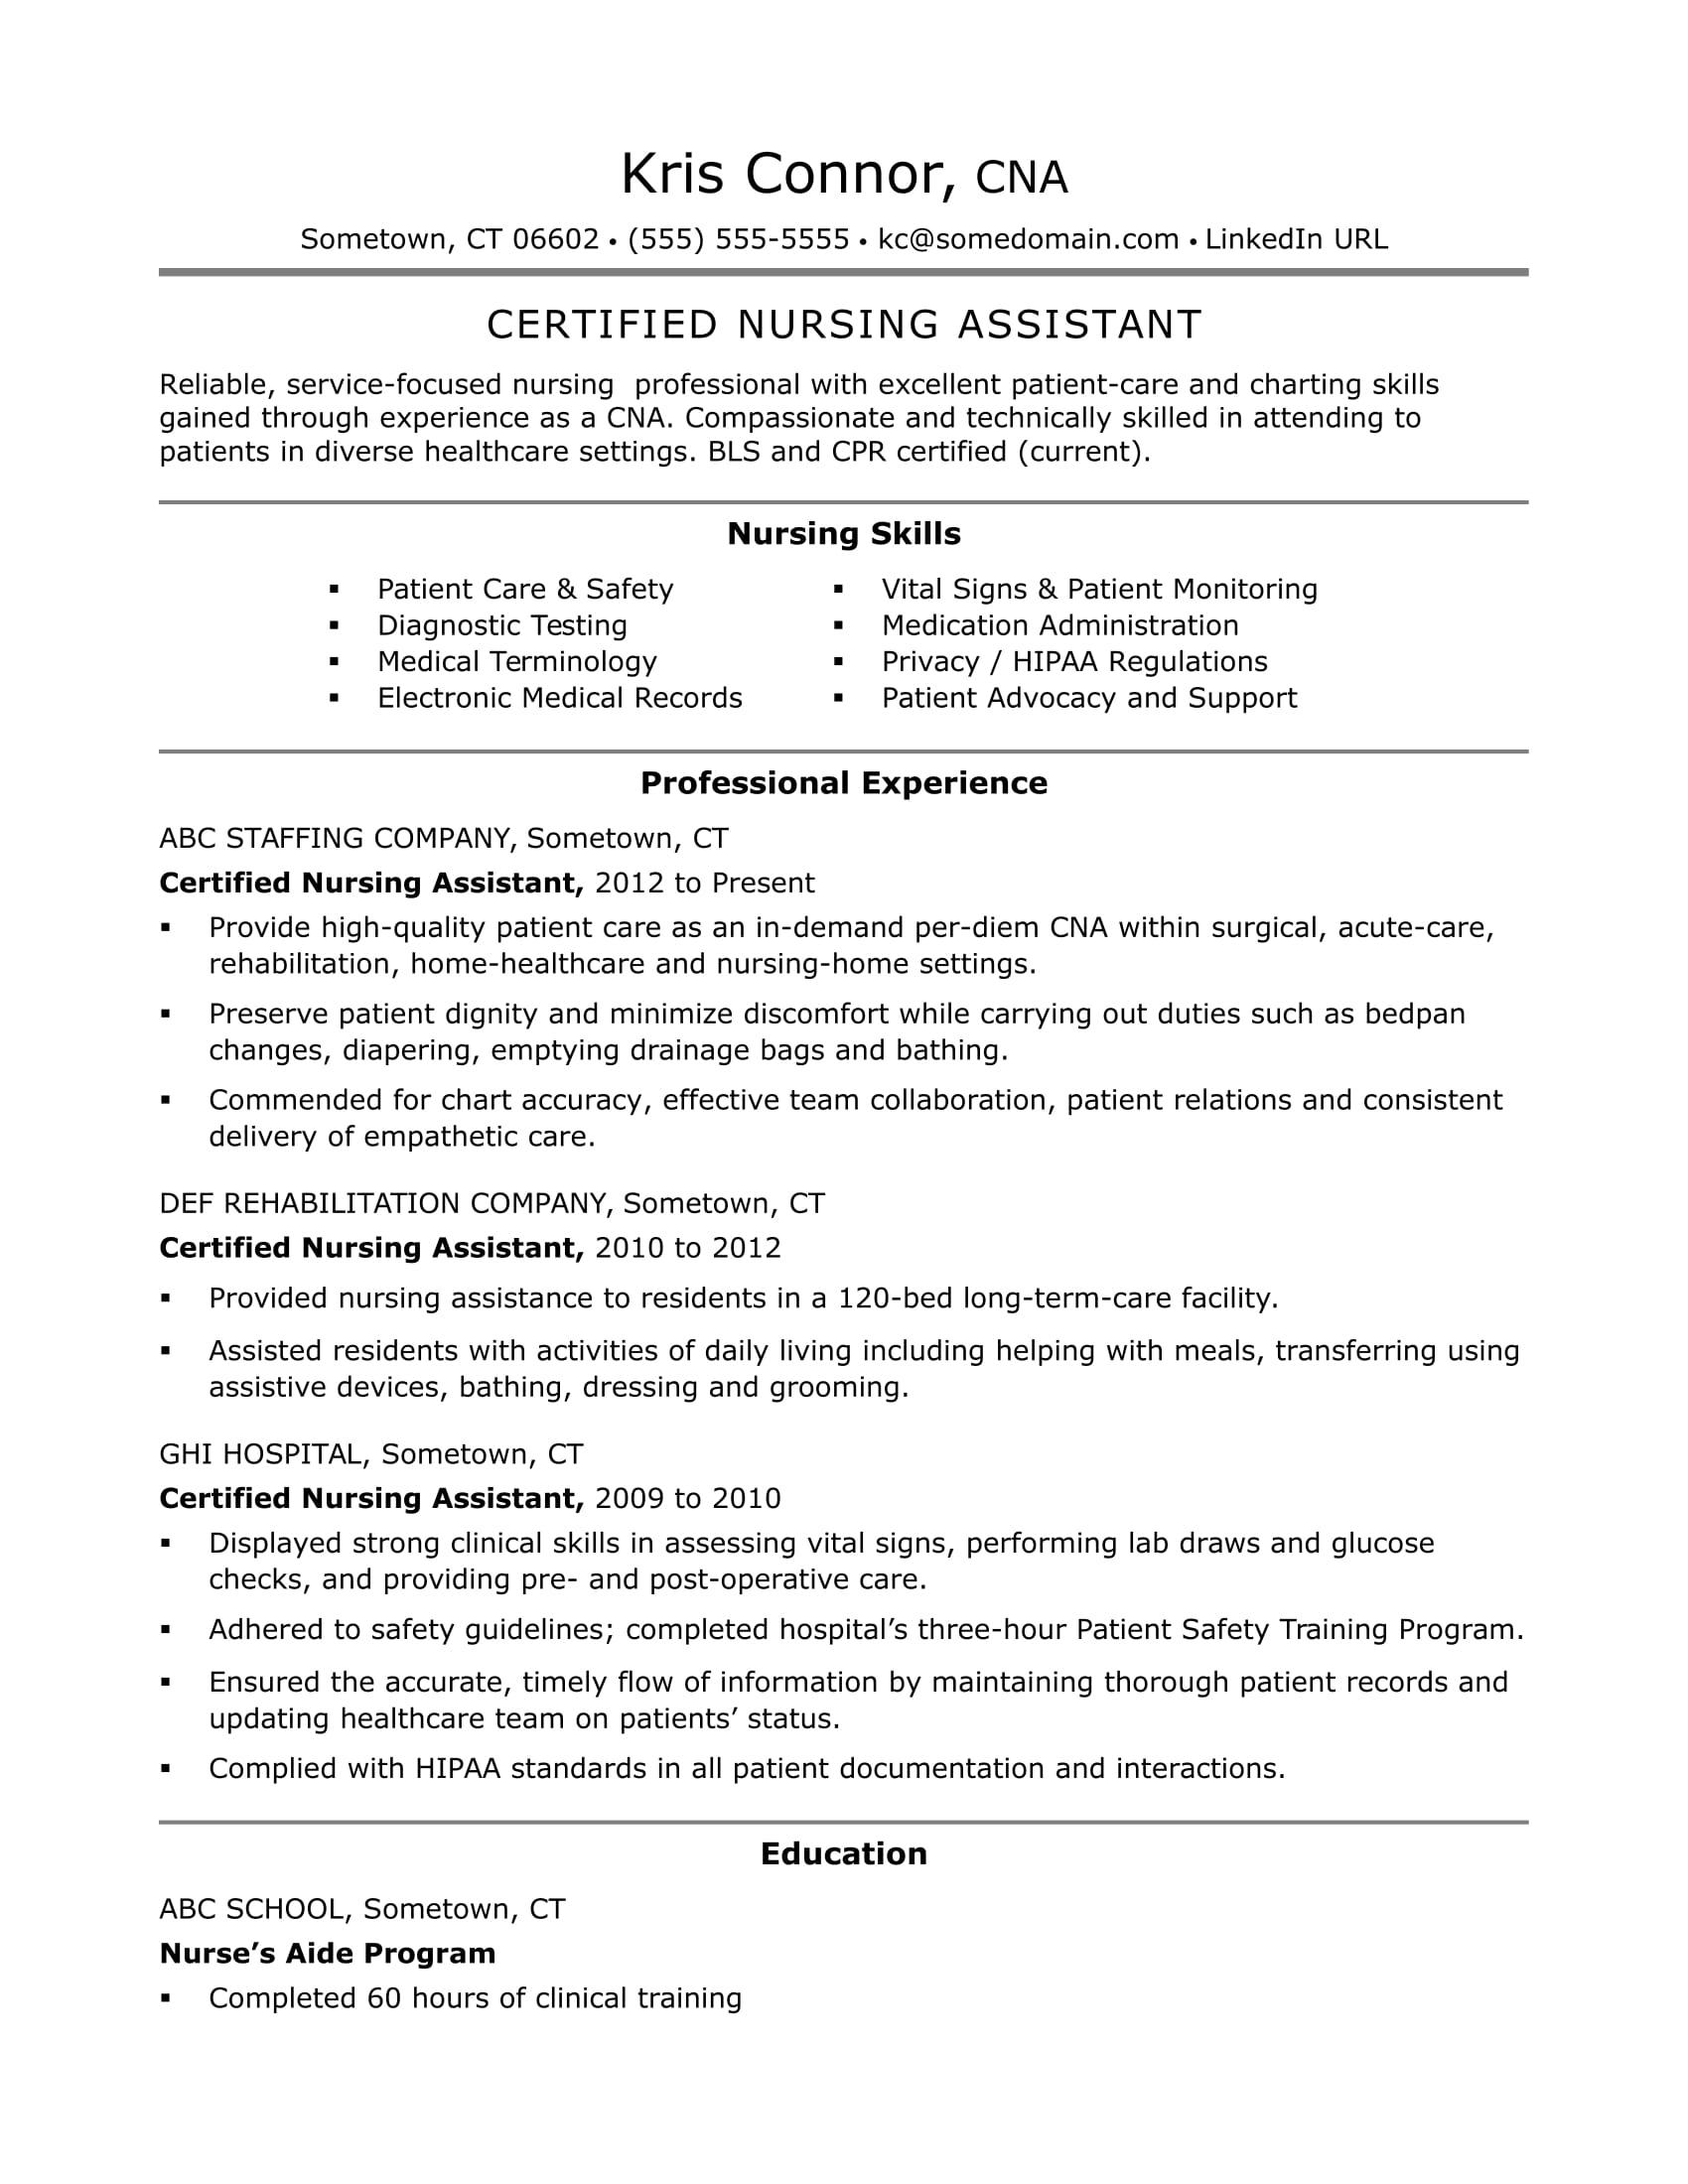 certified dental assistant resume samples